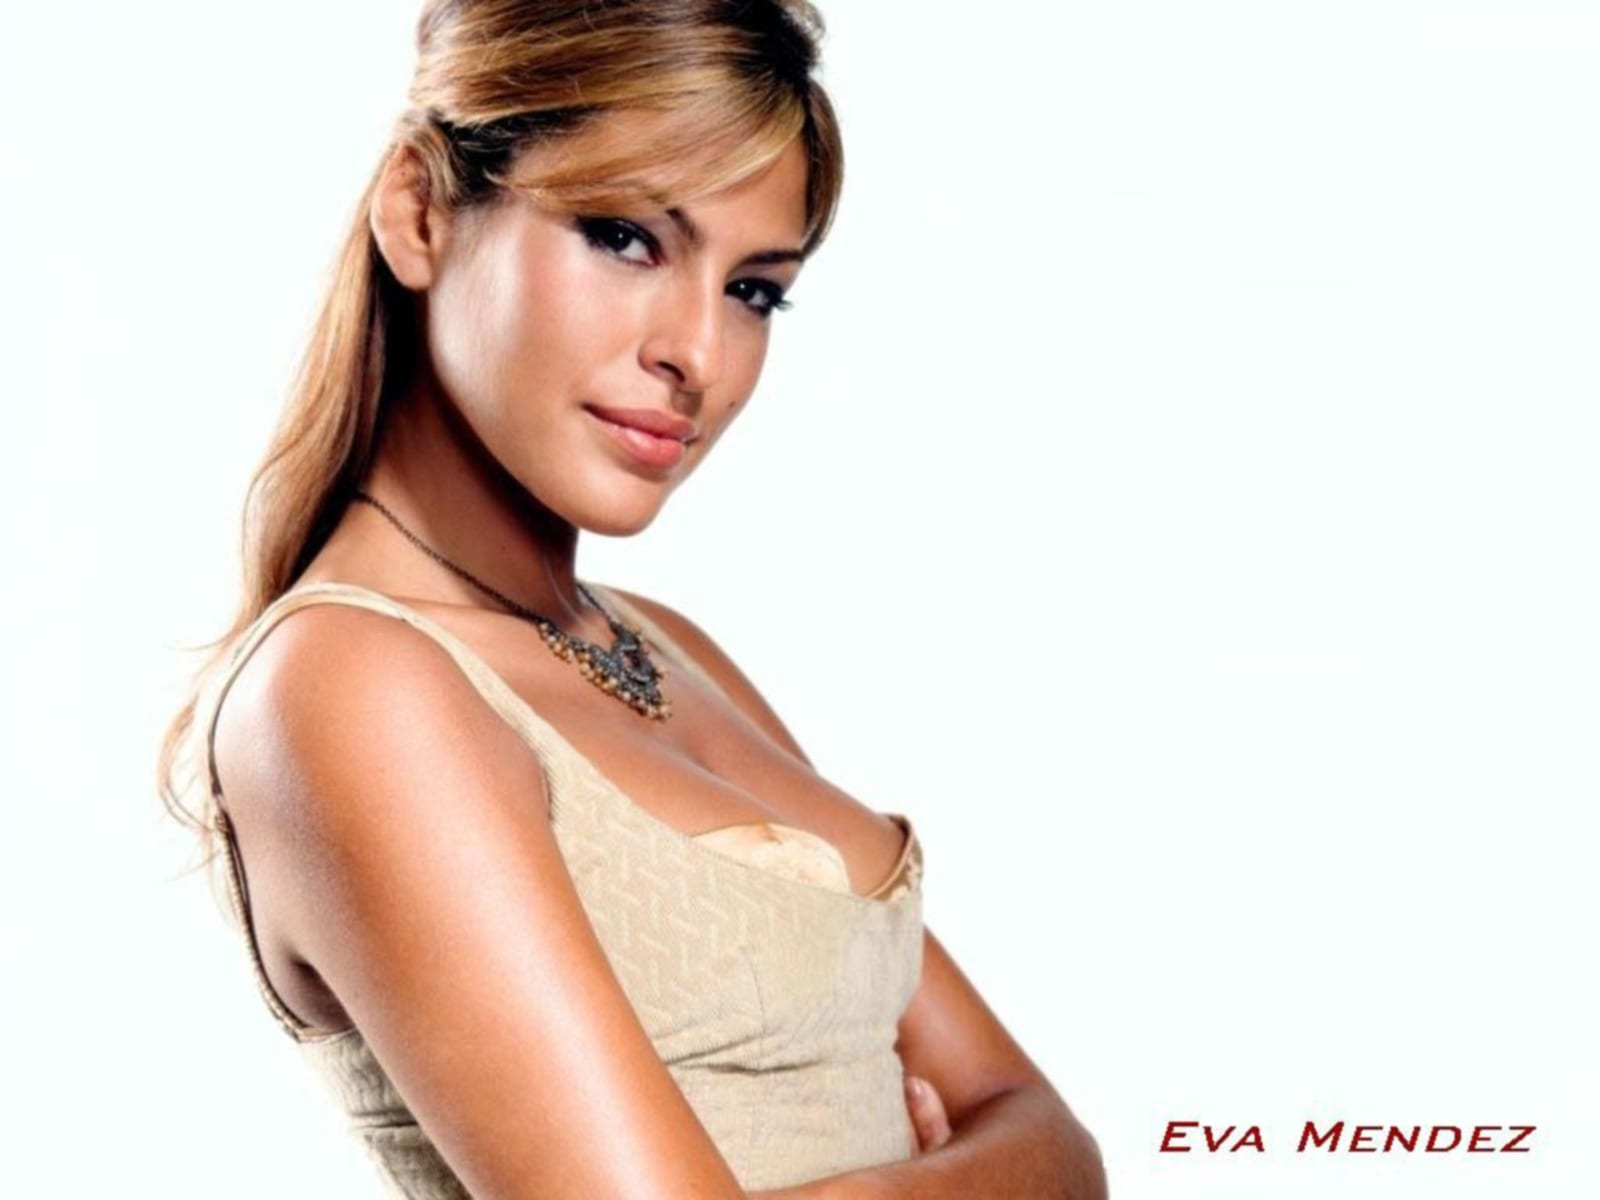 Eva Mendes HD pics